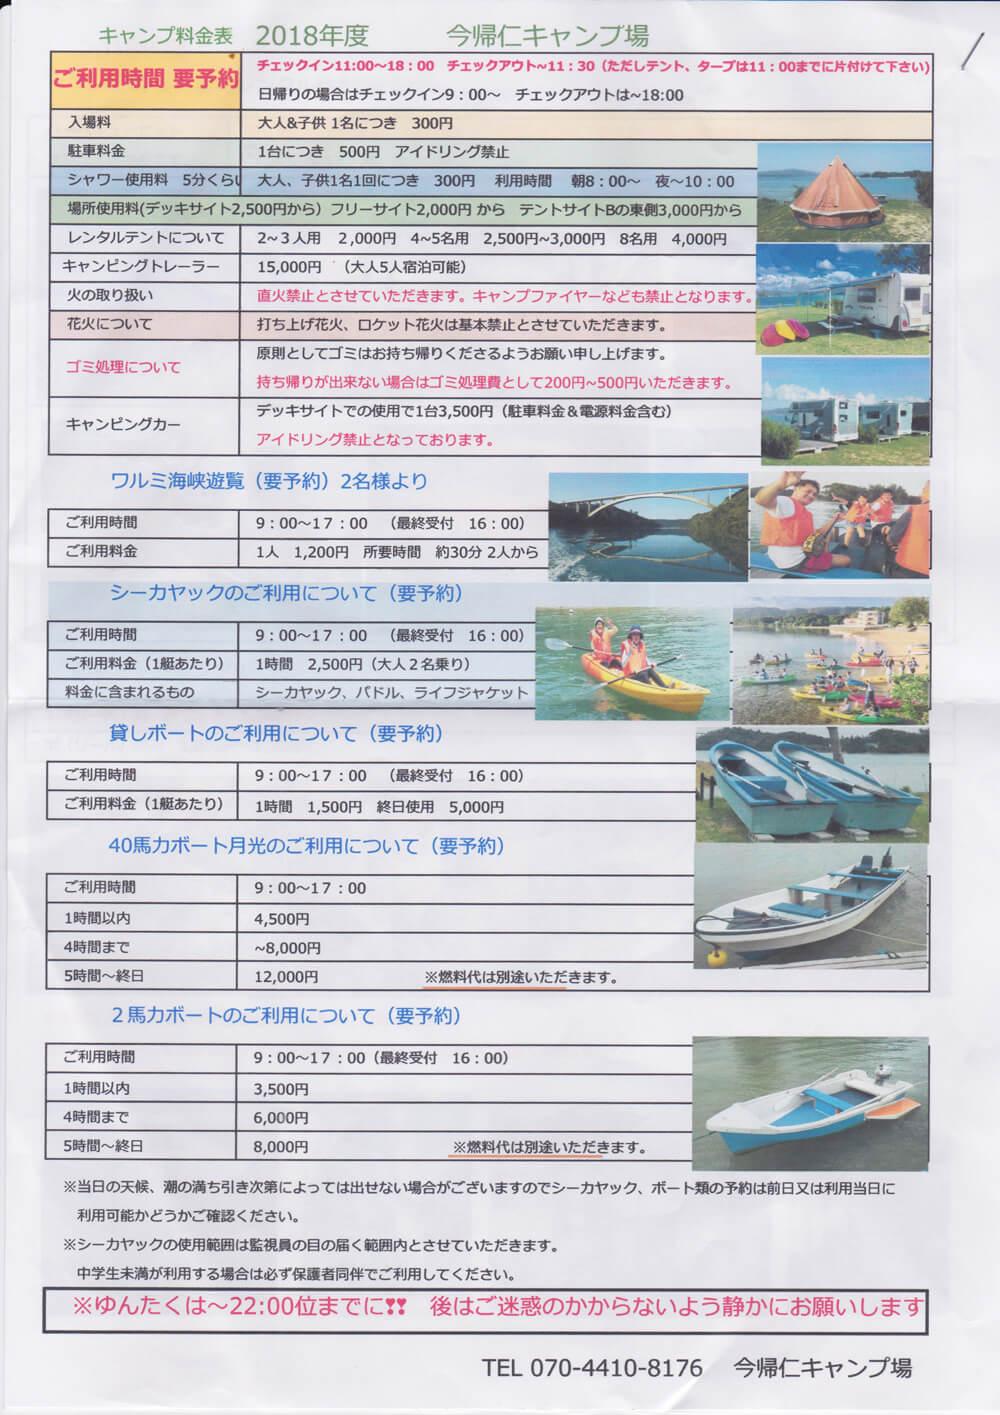 沖縄県 北部 今帰仁(なきじん)キャンプ場 料金表